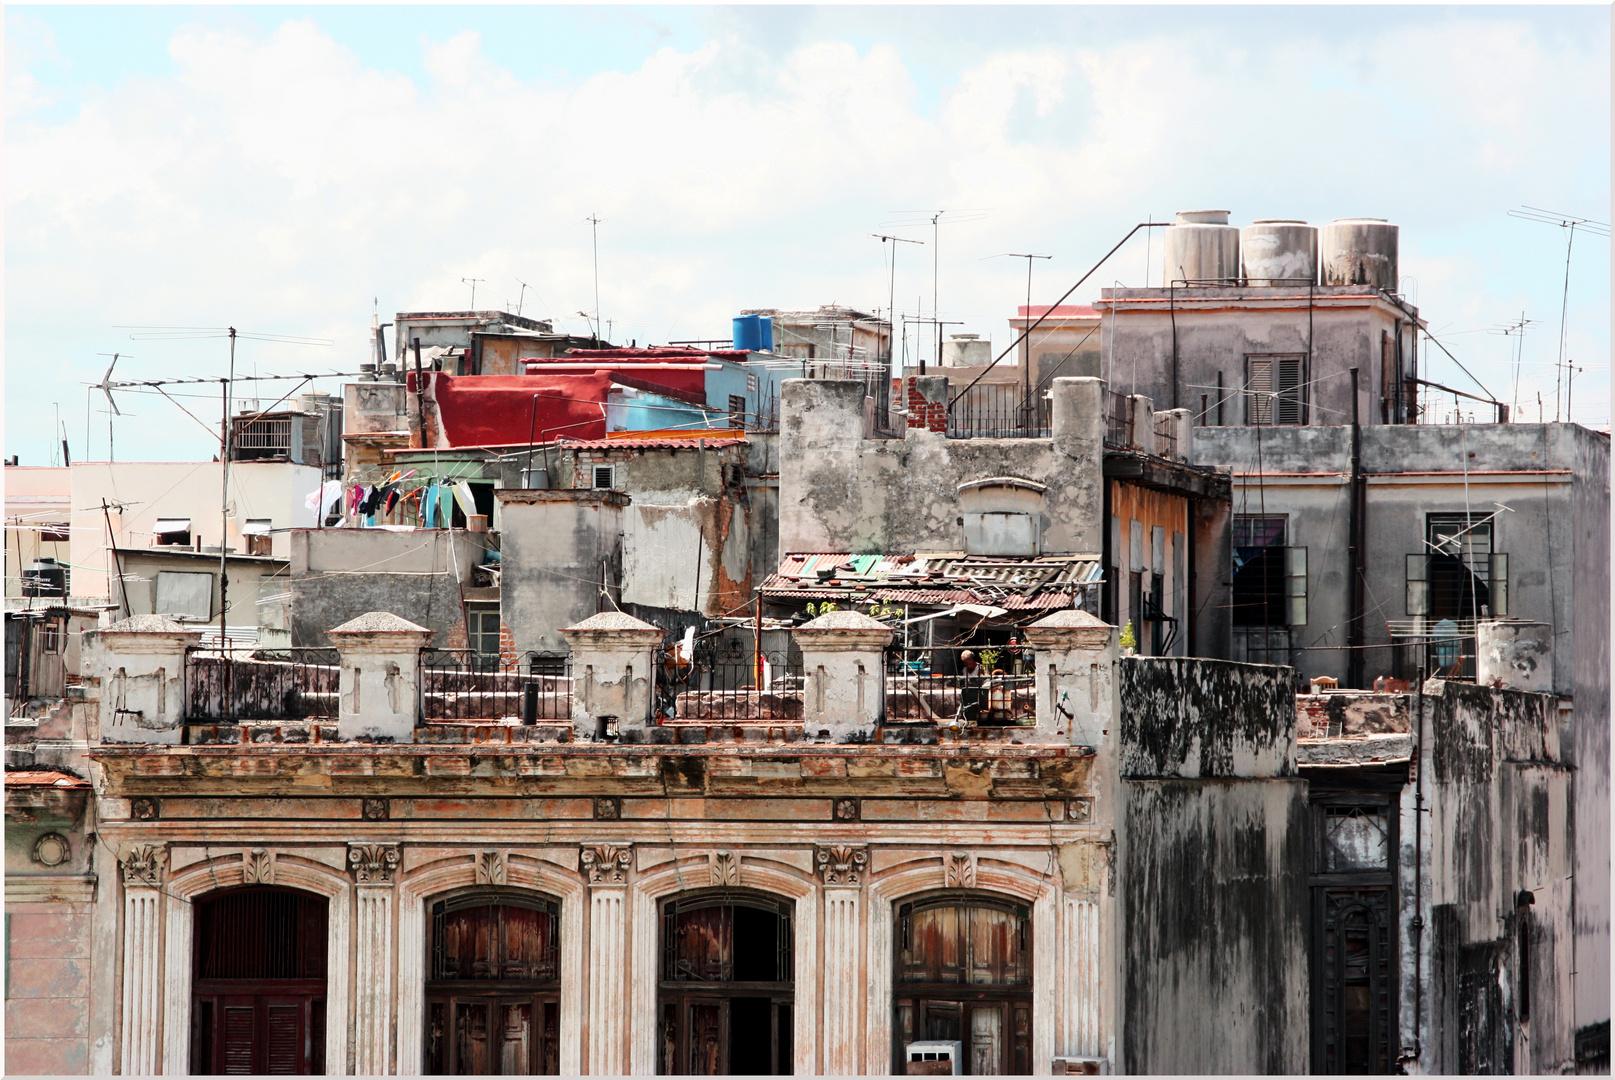 Auf den Dächern Havannas